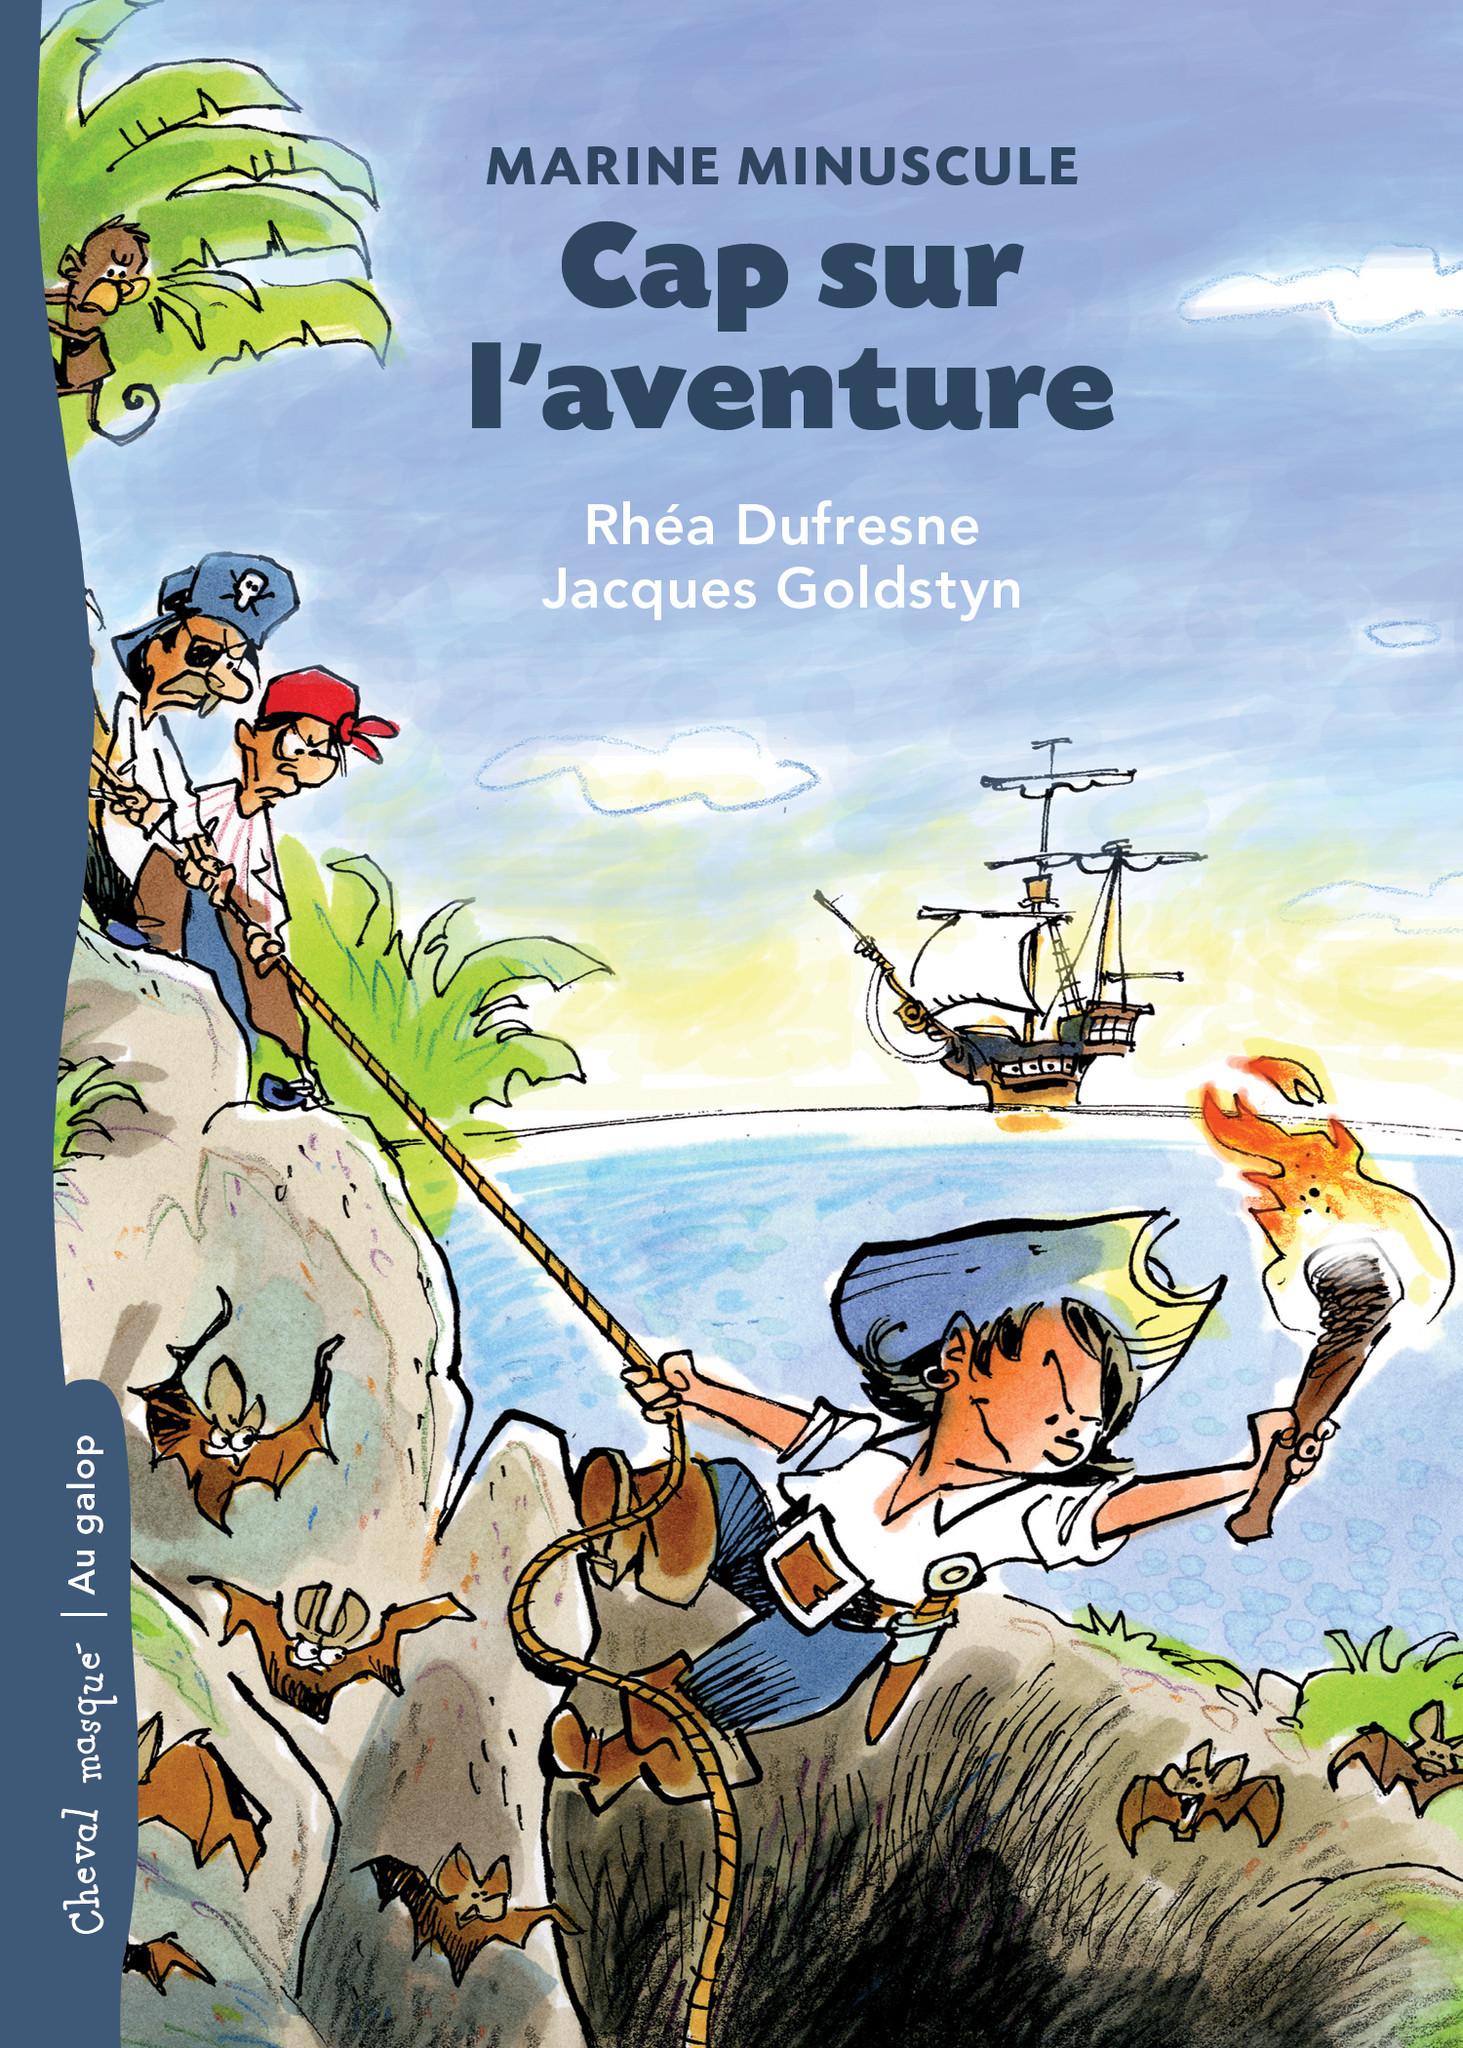 Cap sur l'aventure: Marine Minuscule